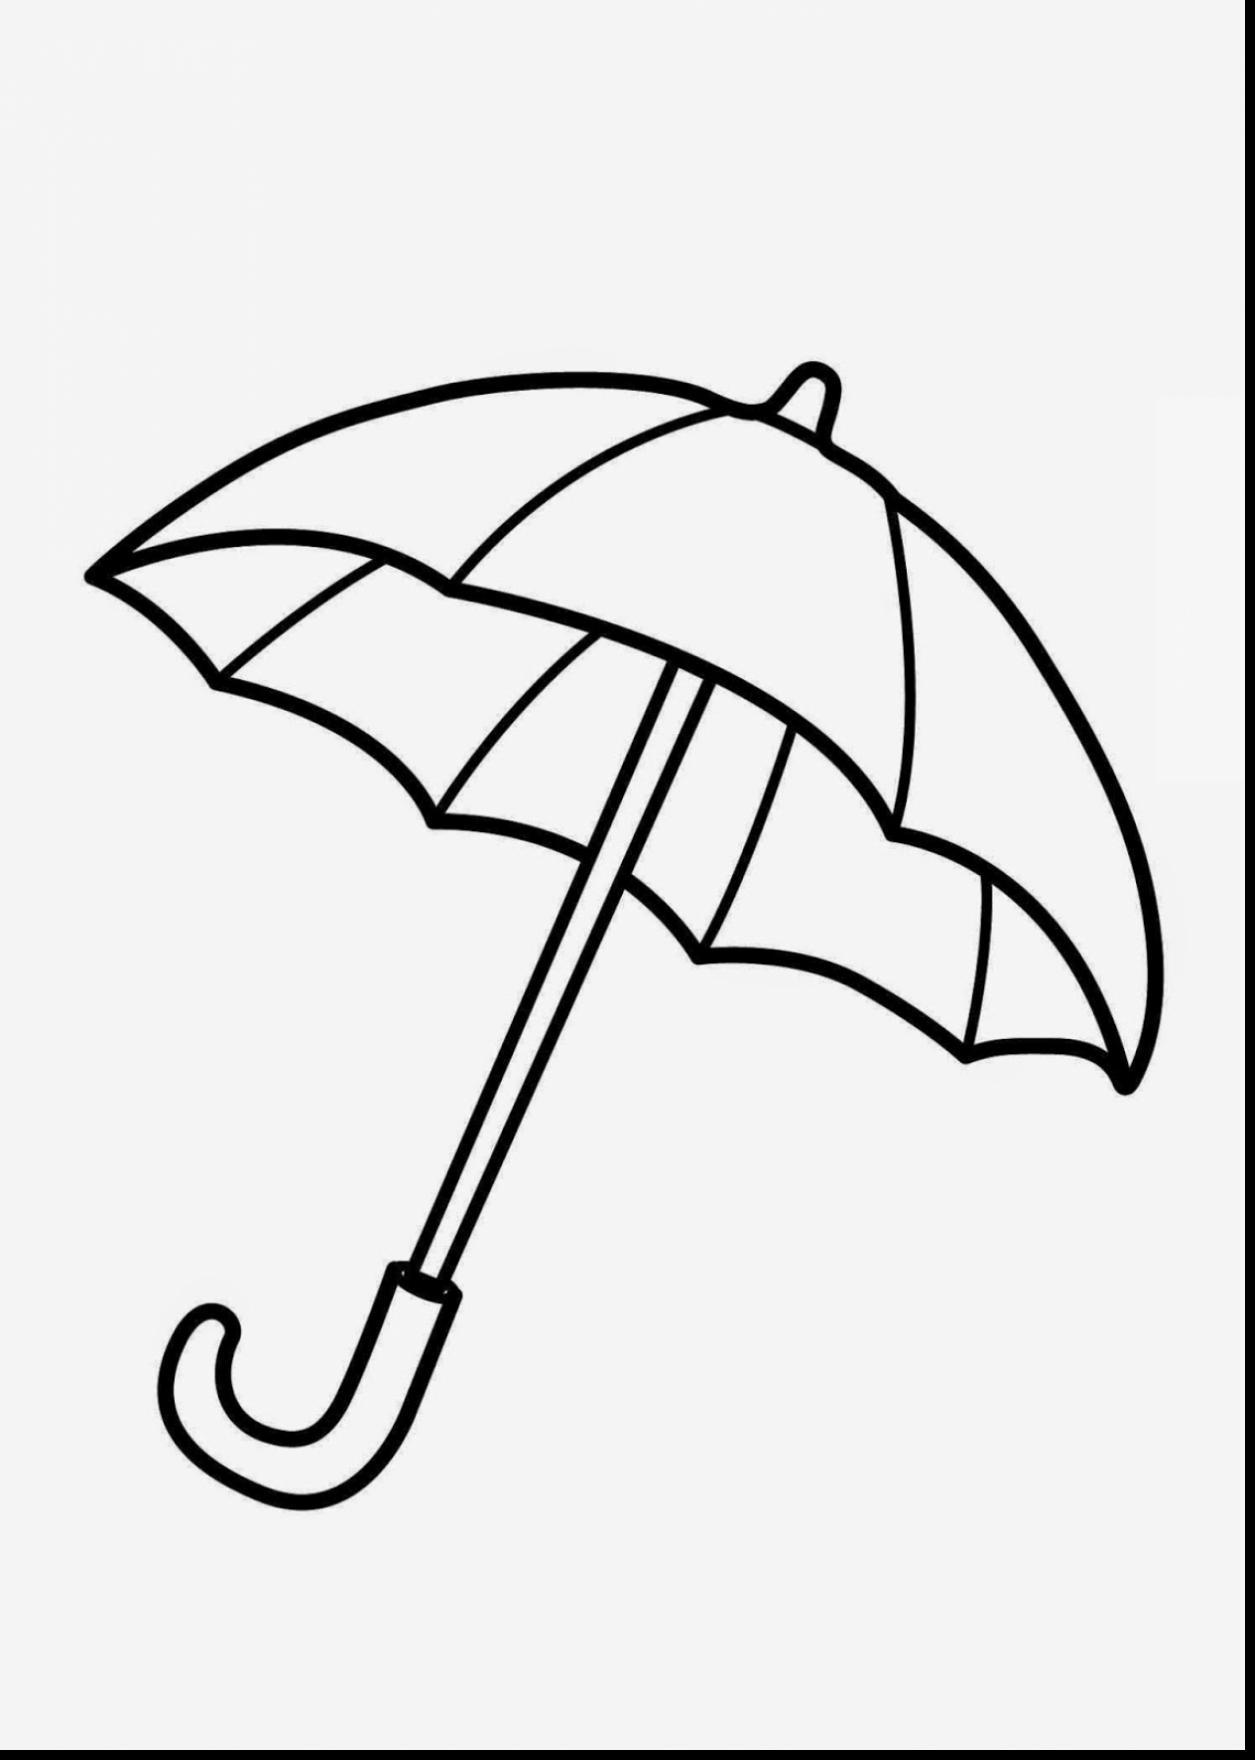 Umbrella Clipart Black And White.